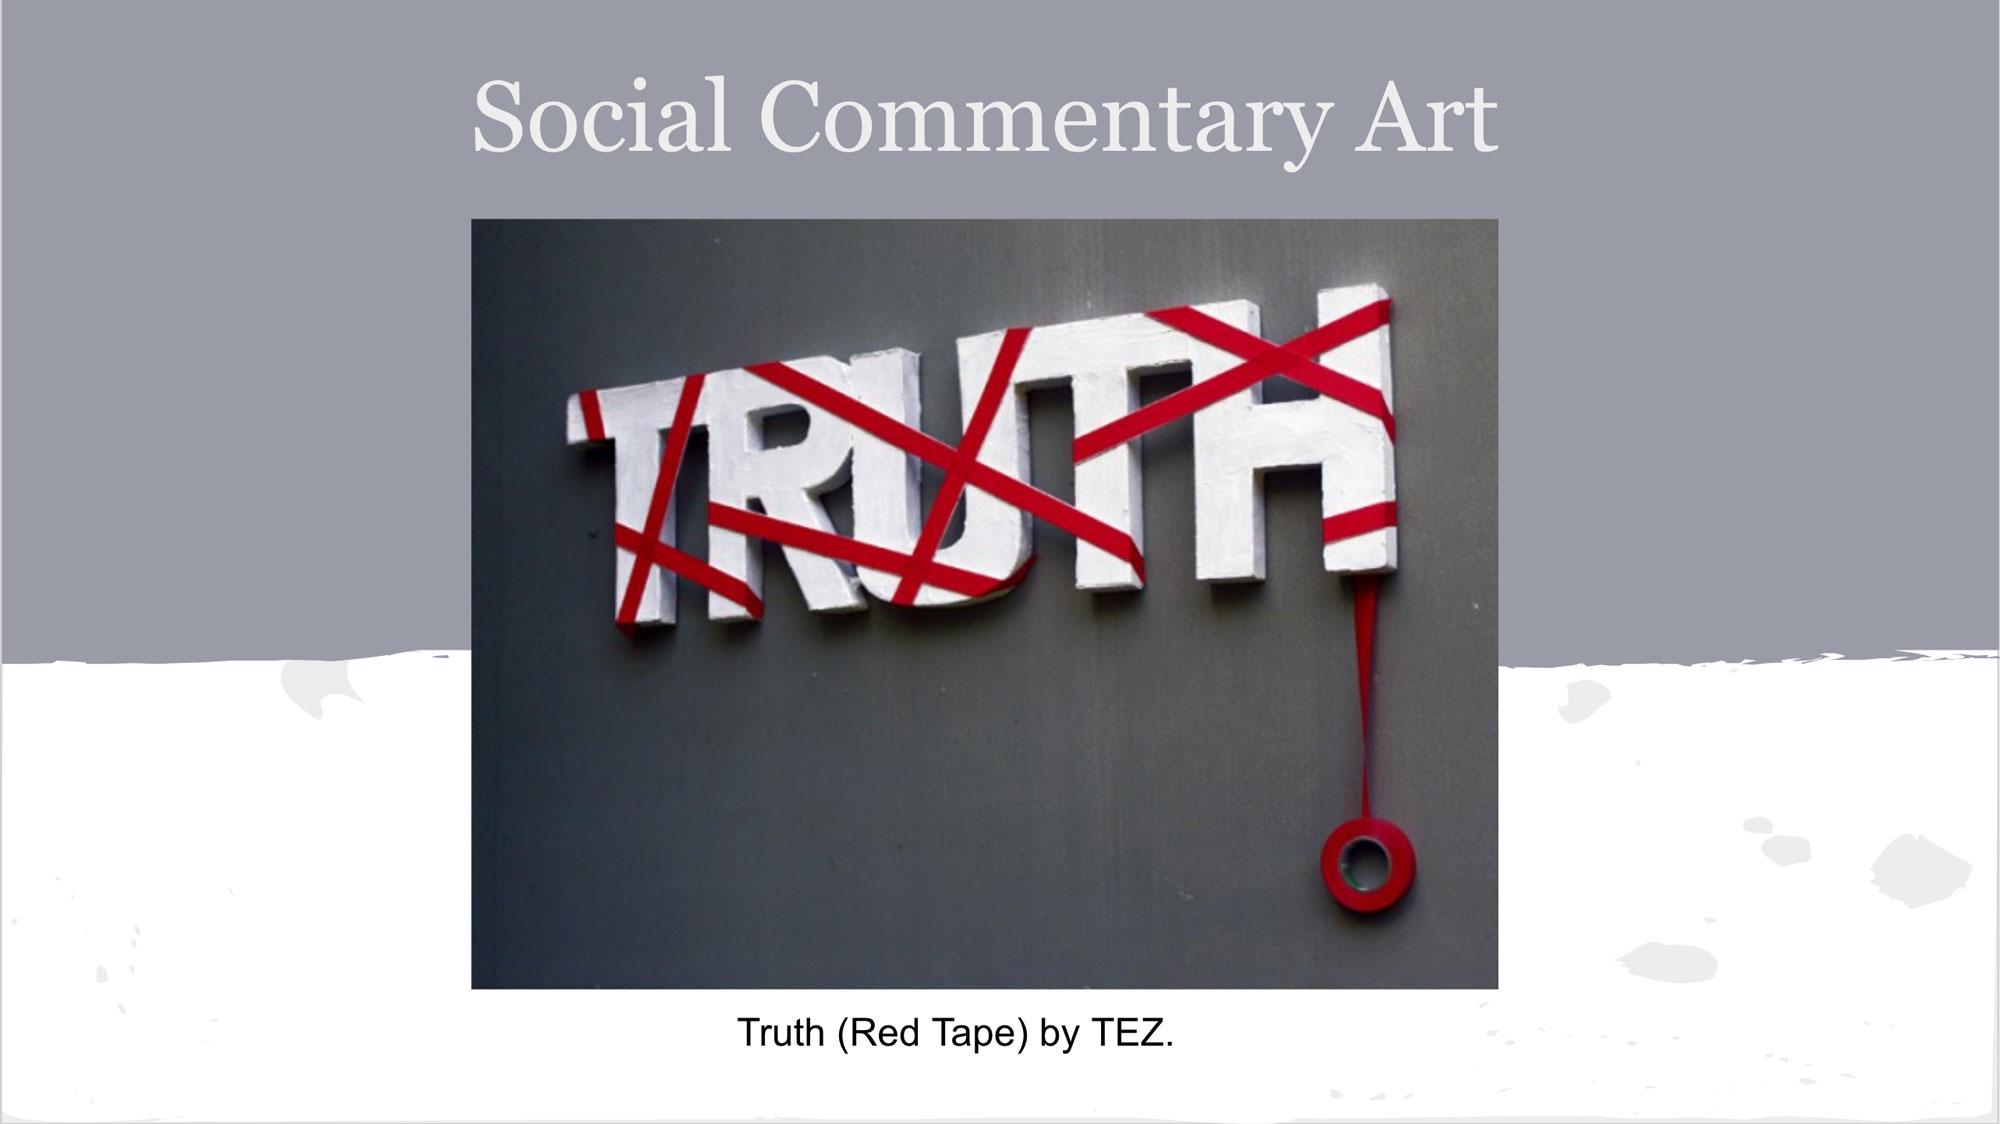 social-commentary-art-slideshow-thumb-0.jpg